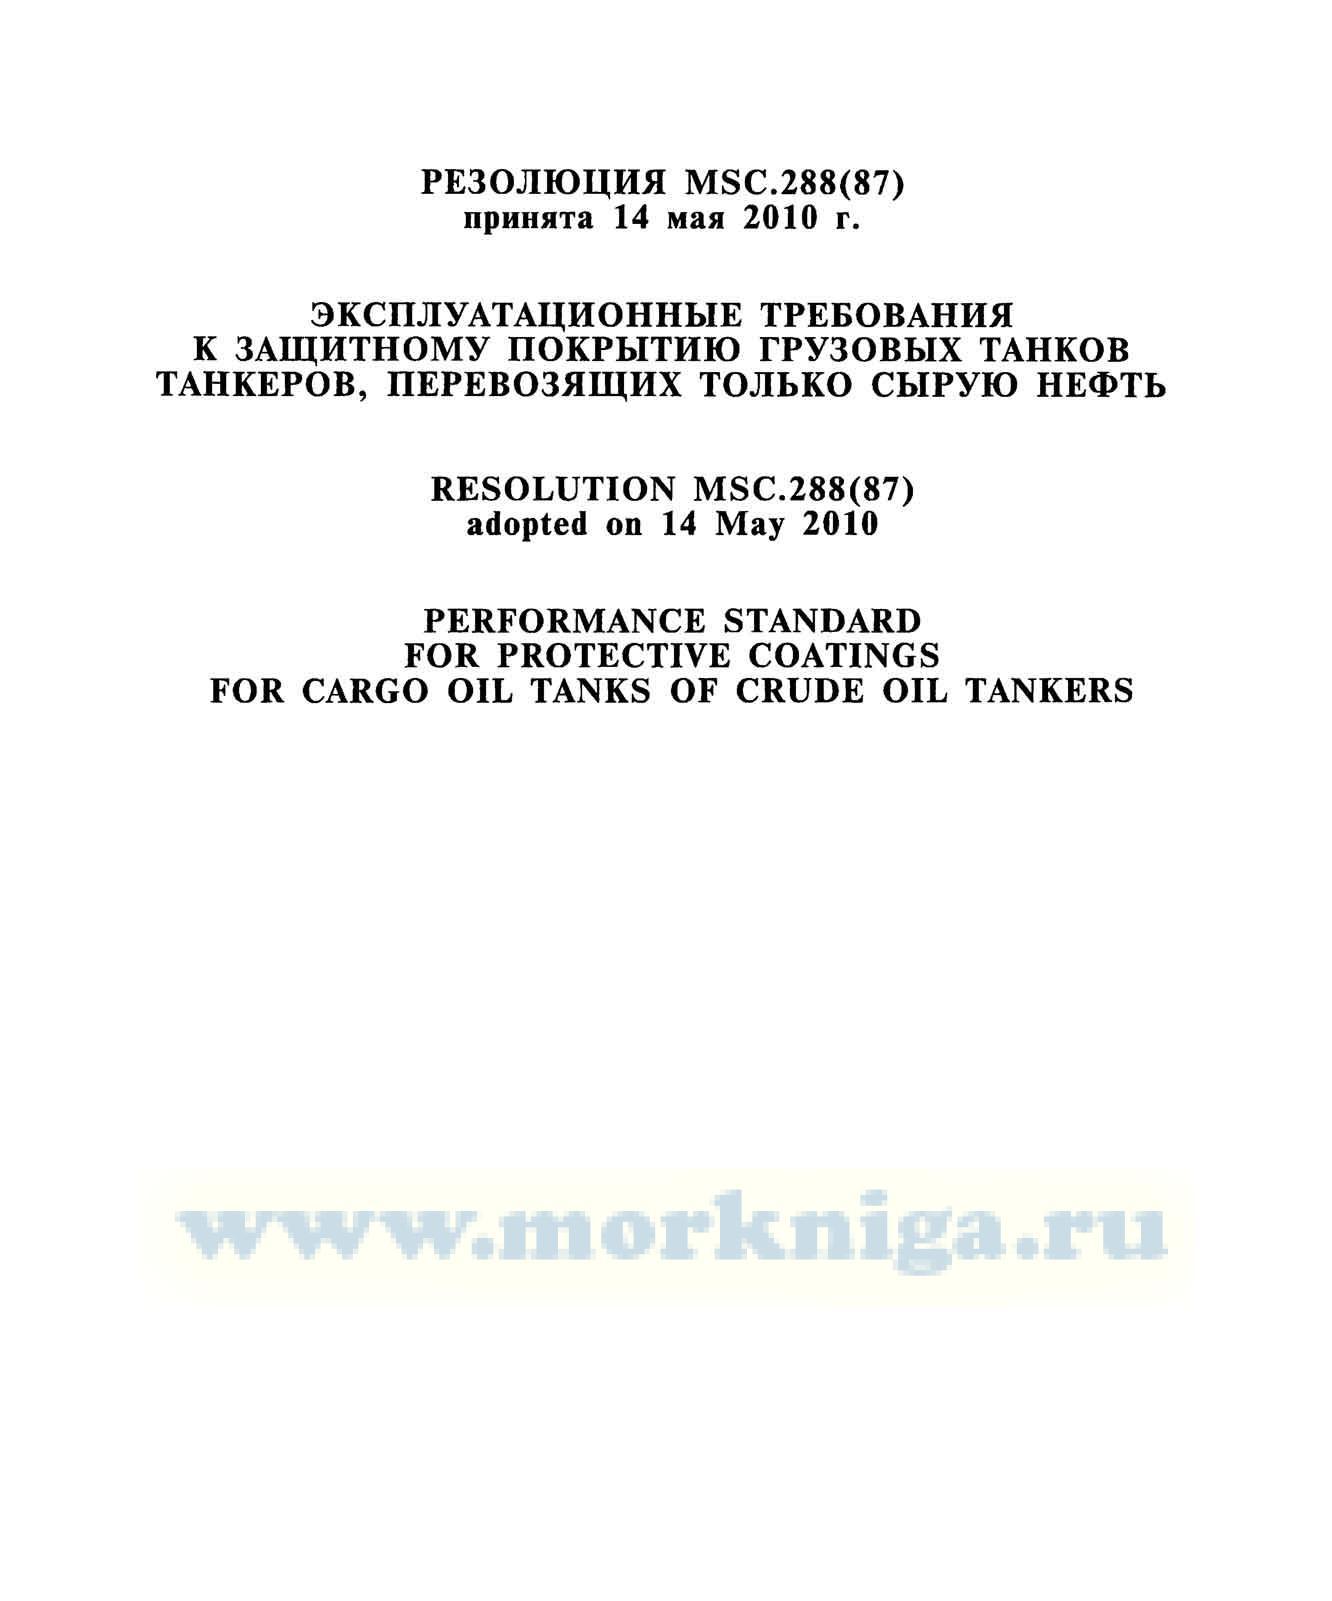 Резолюция MSC.288(87).Эксплуатационные требования к защитному покрытию грузовых танков танкеров,перевозящих только сырую нефть